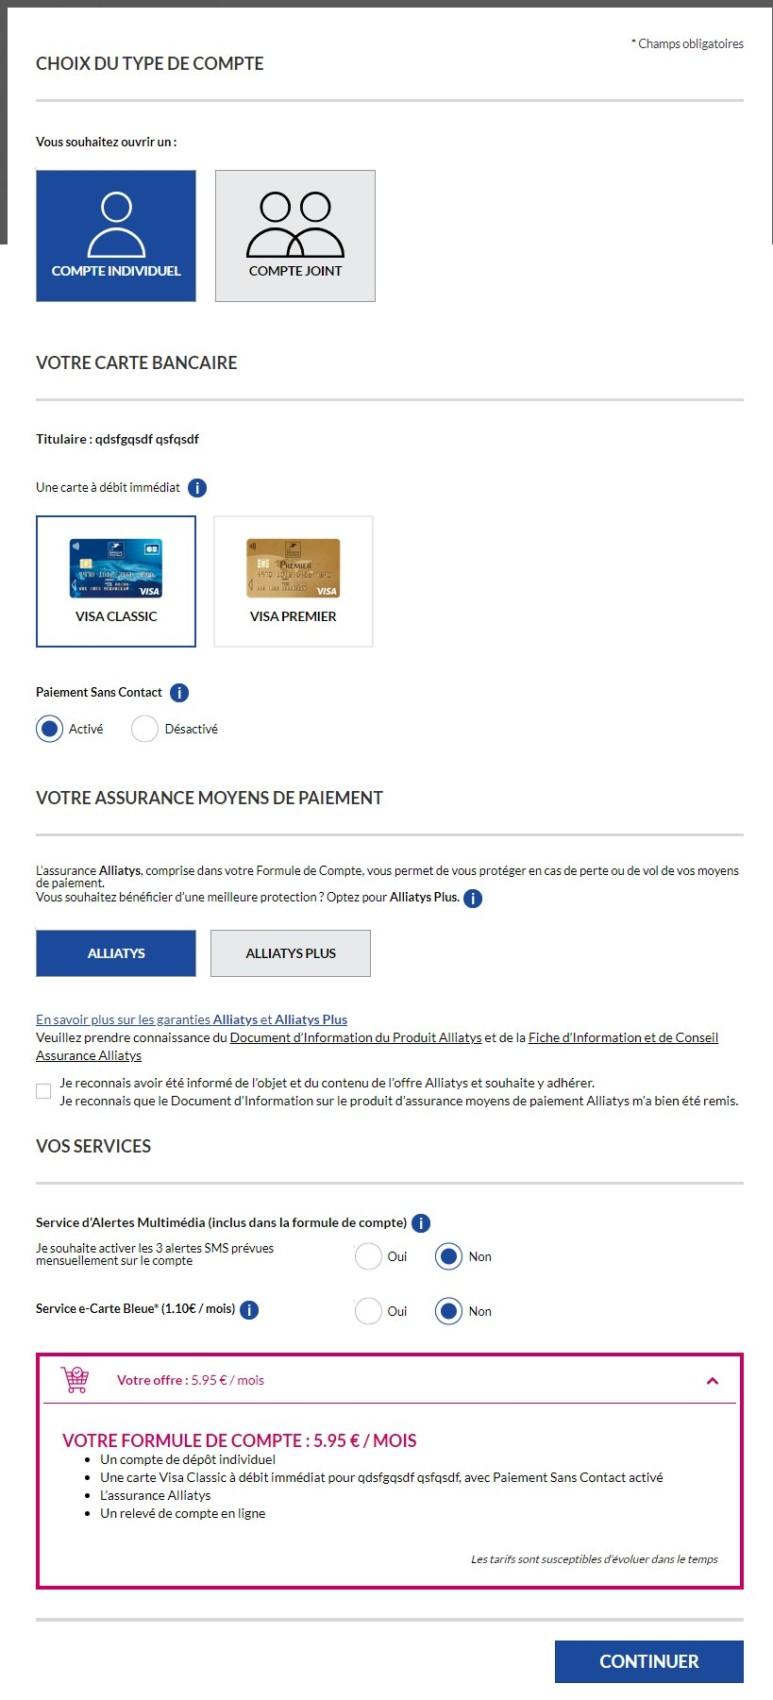 Pour l'ouverture d'un compte en ligne chez La Banque Postale, seulement deux cartes bancaires sont proposées. La formule la moins chère est facturée 5,95 euros par mois.